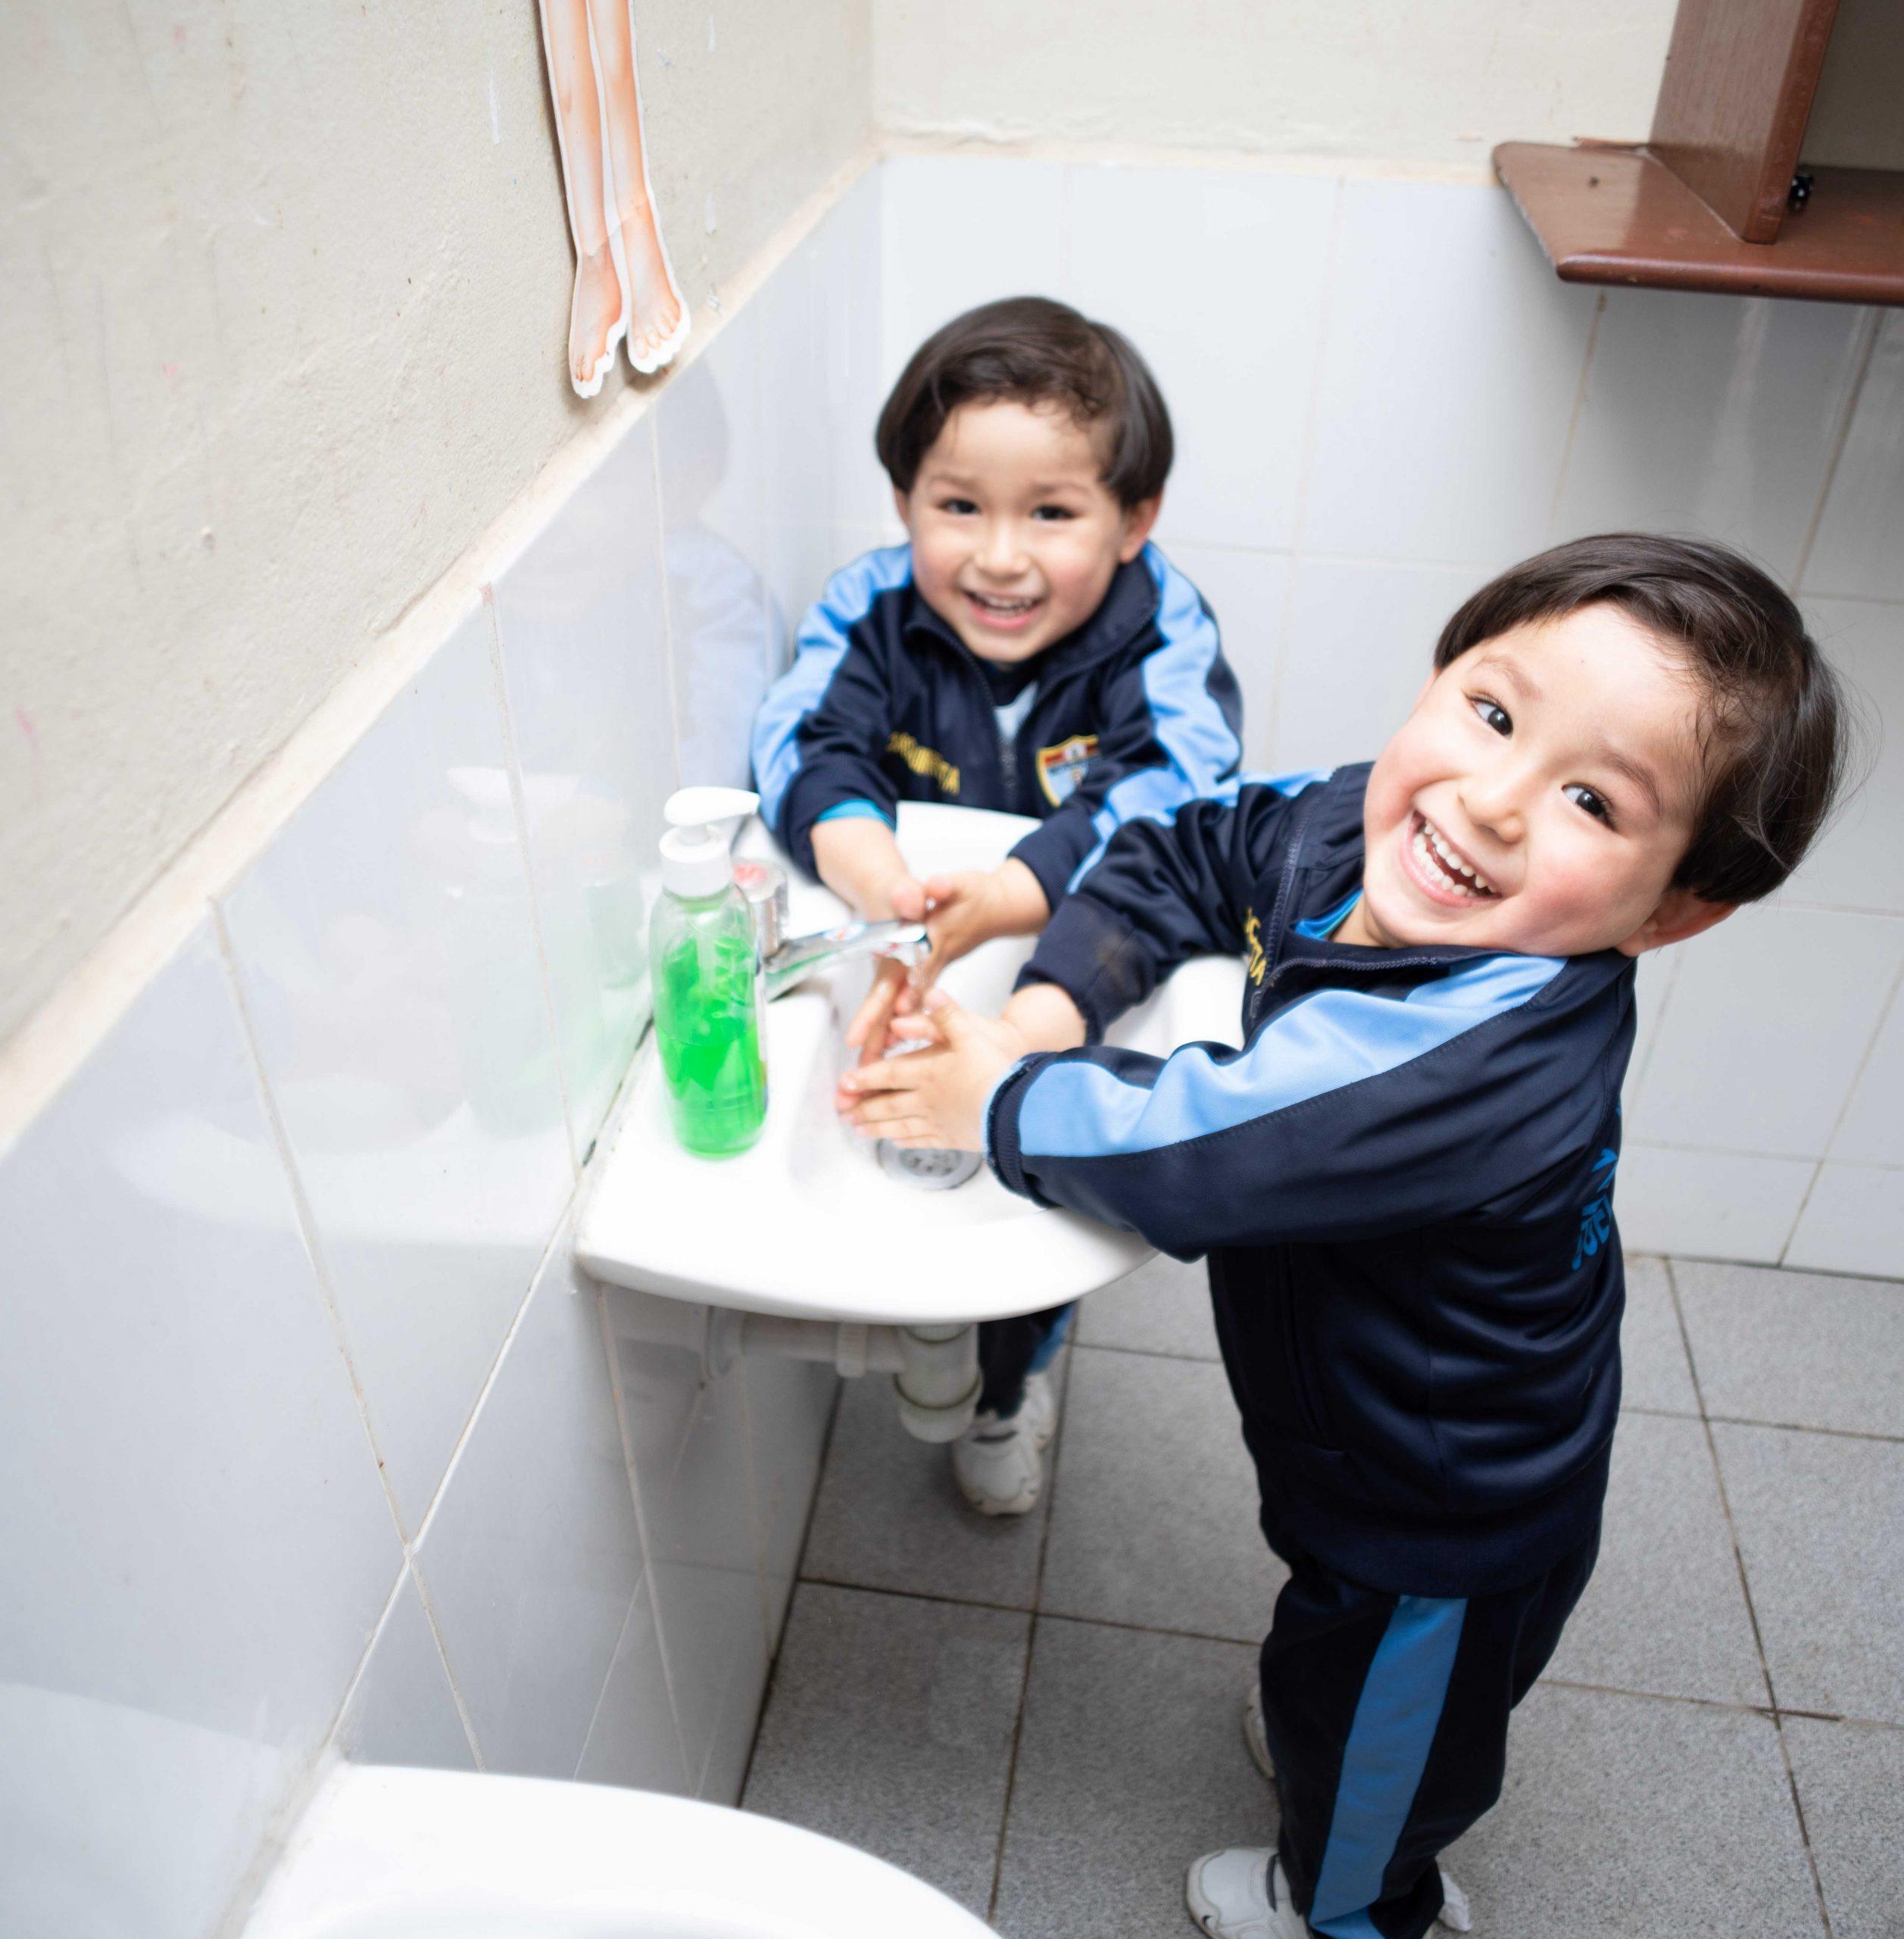 Fenix asegura abastecimiento de agua potable a comunidad vecina en periodo de emergencia nacional